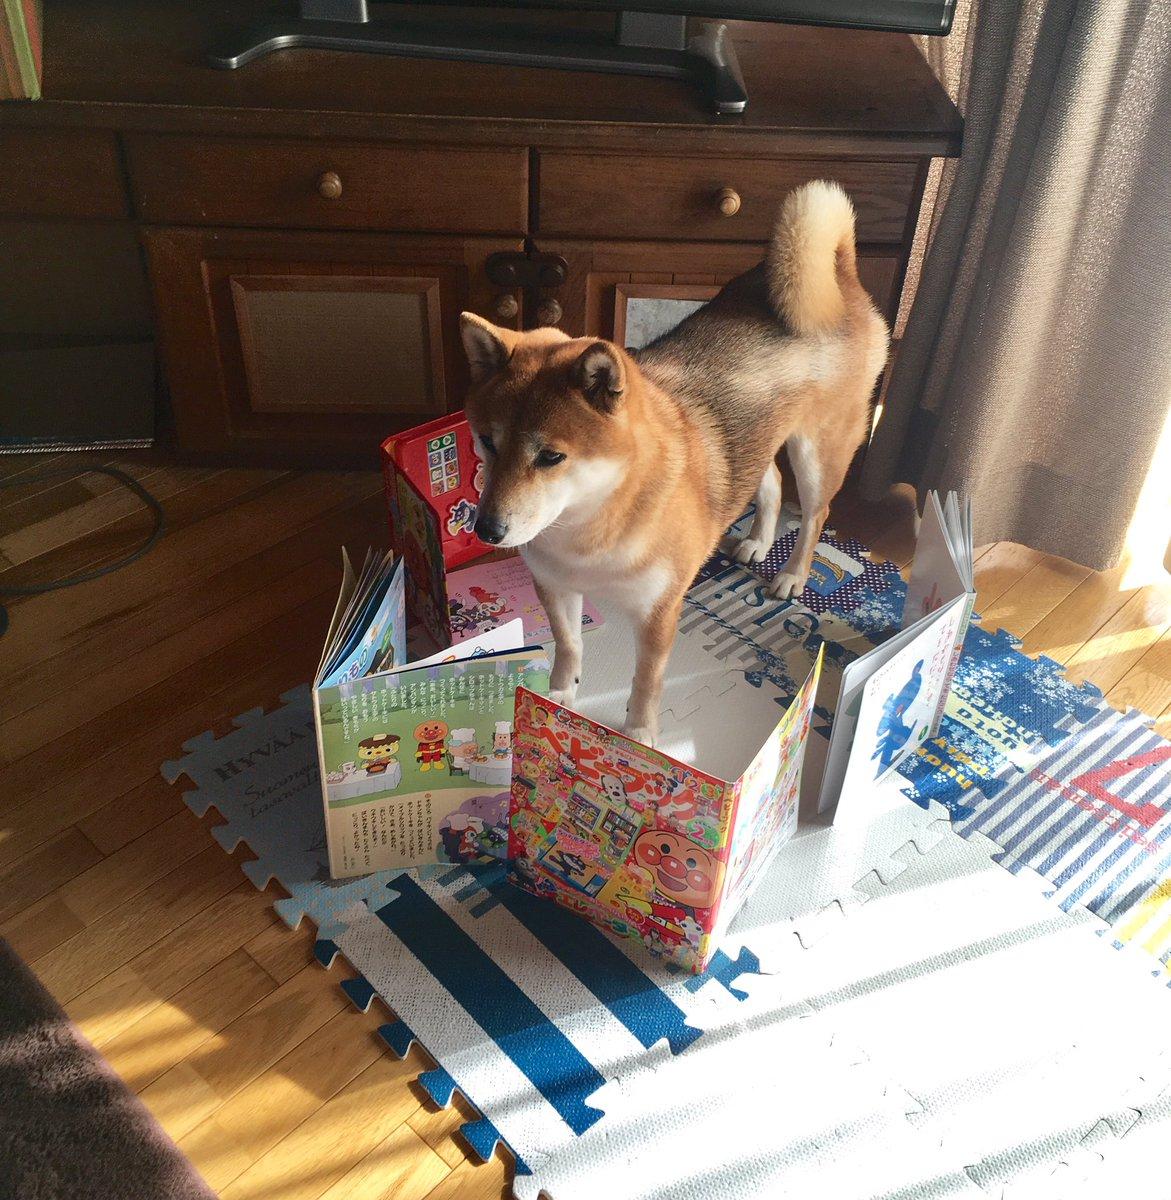 甥っ子に封印された犬 pic.twitter.com/YZATzpOFT5